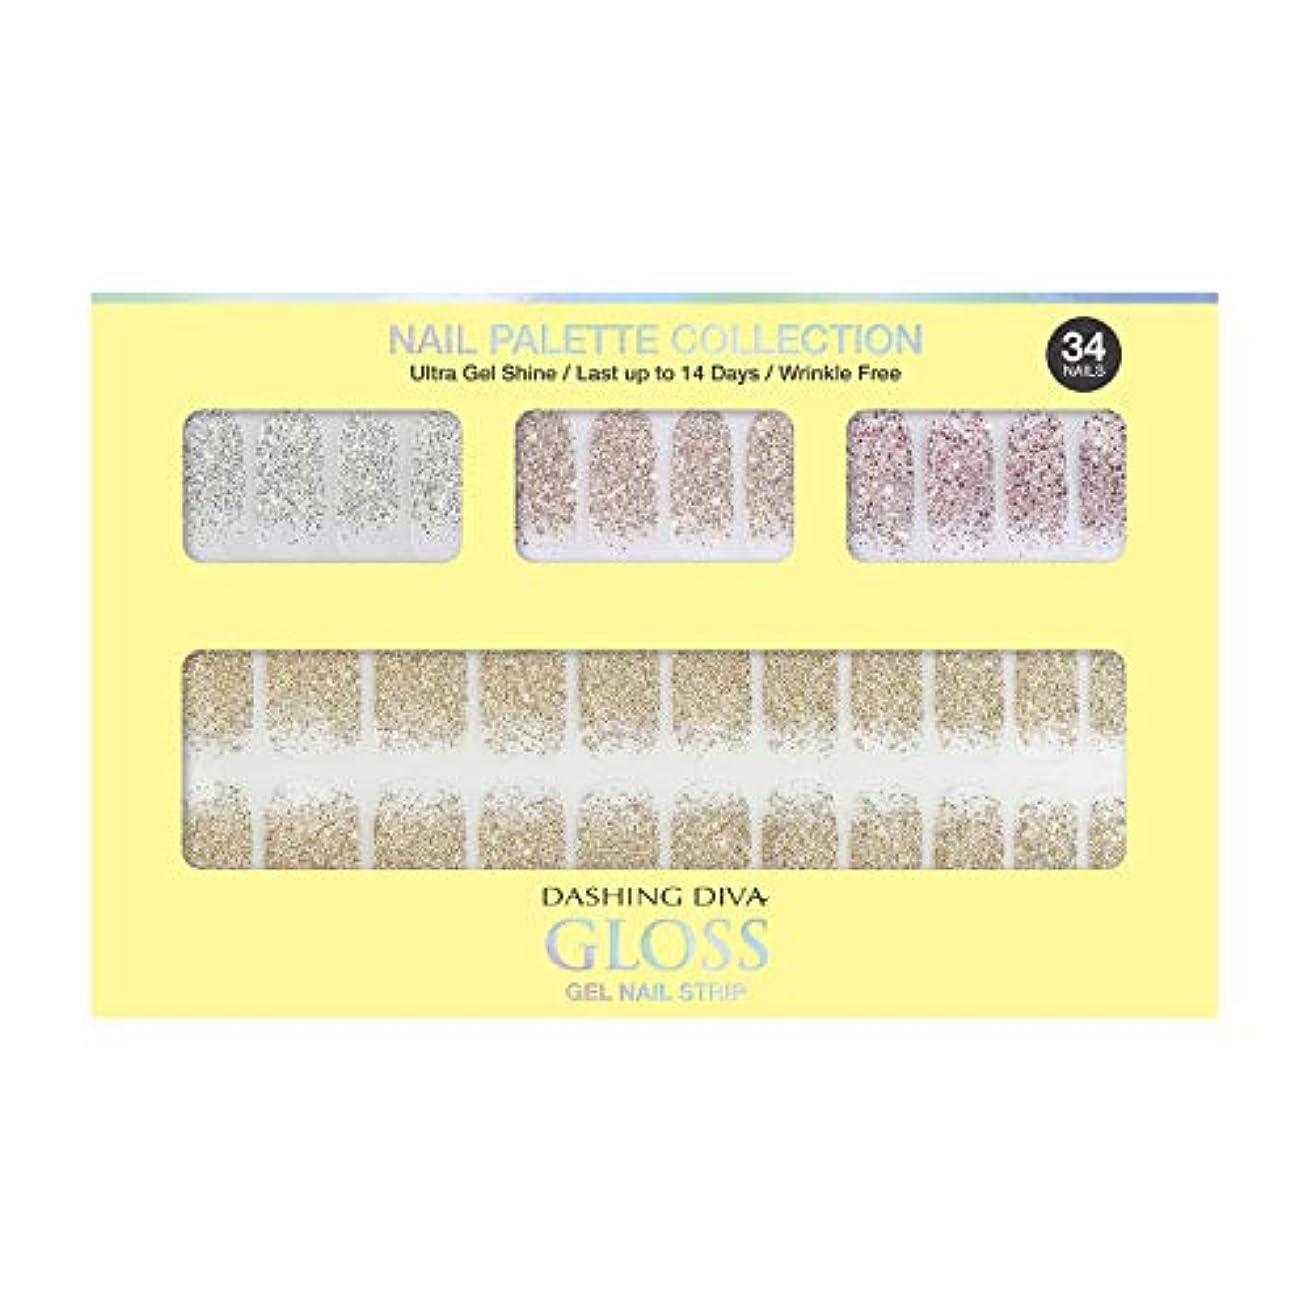 熟読する師匠遡るダッシングディバ グロスジェル ネイルストリップ DASHING DIVA Gloss Gel Nail Strip DGNP07-DURY+ オリジナルジェル ネイルシール Lemon #07 Sparkling Powder